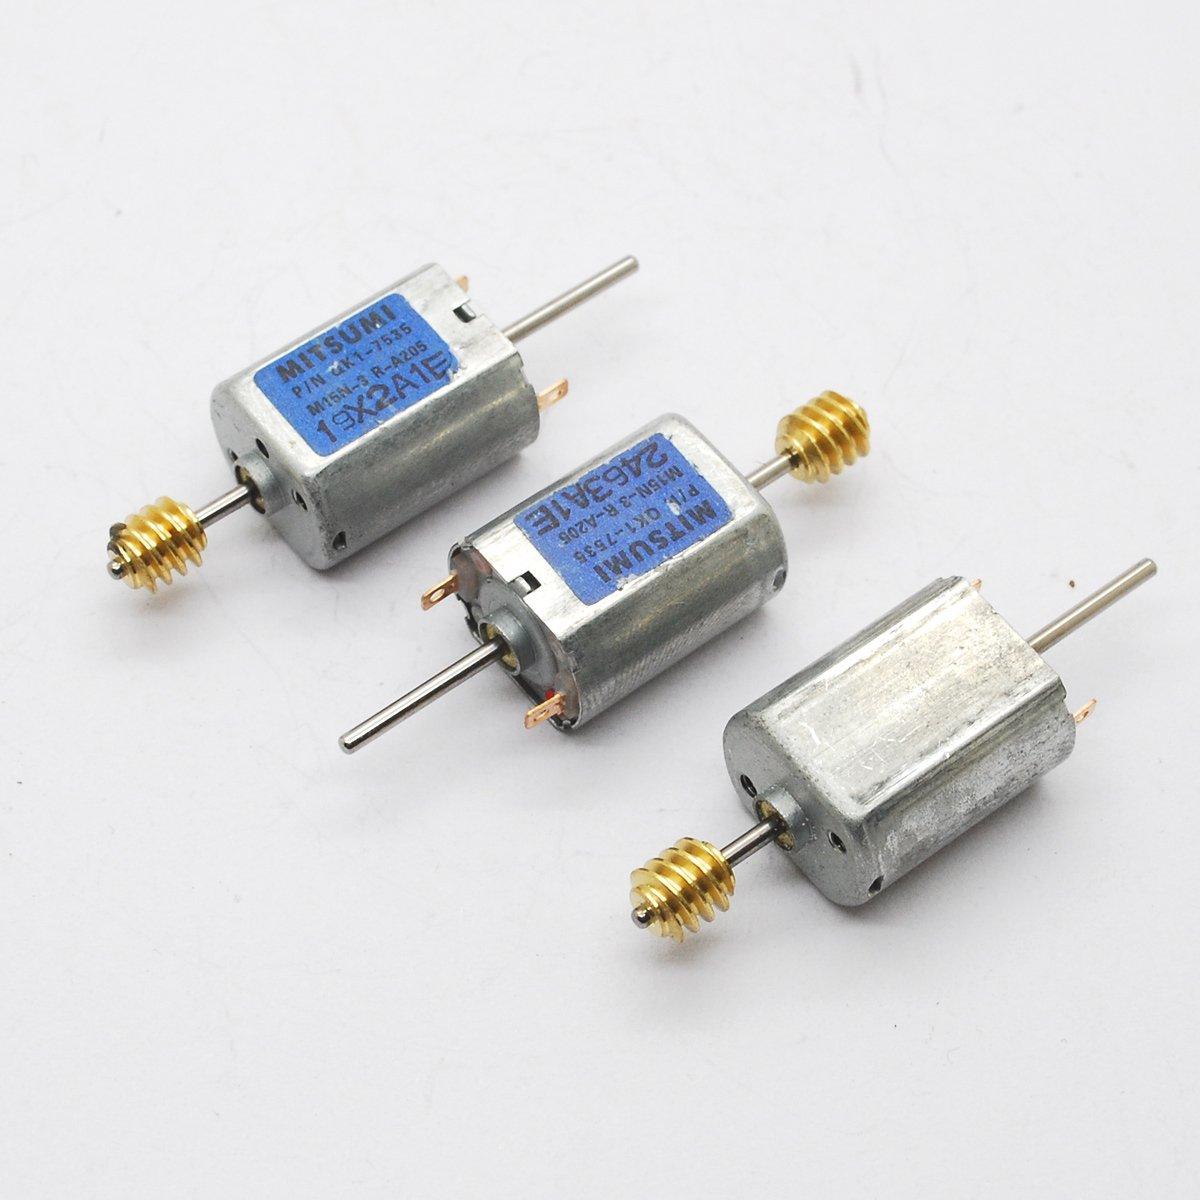 3個 DC マイクロモータ 鉄カバー 12V 030 2軸 カーボンブラシモーター 13500 RPM   B00MTD0A24